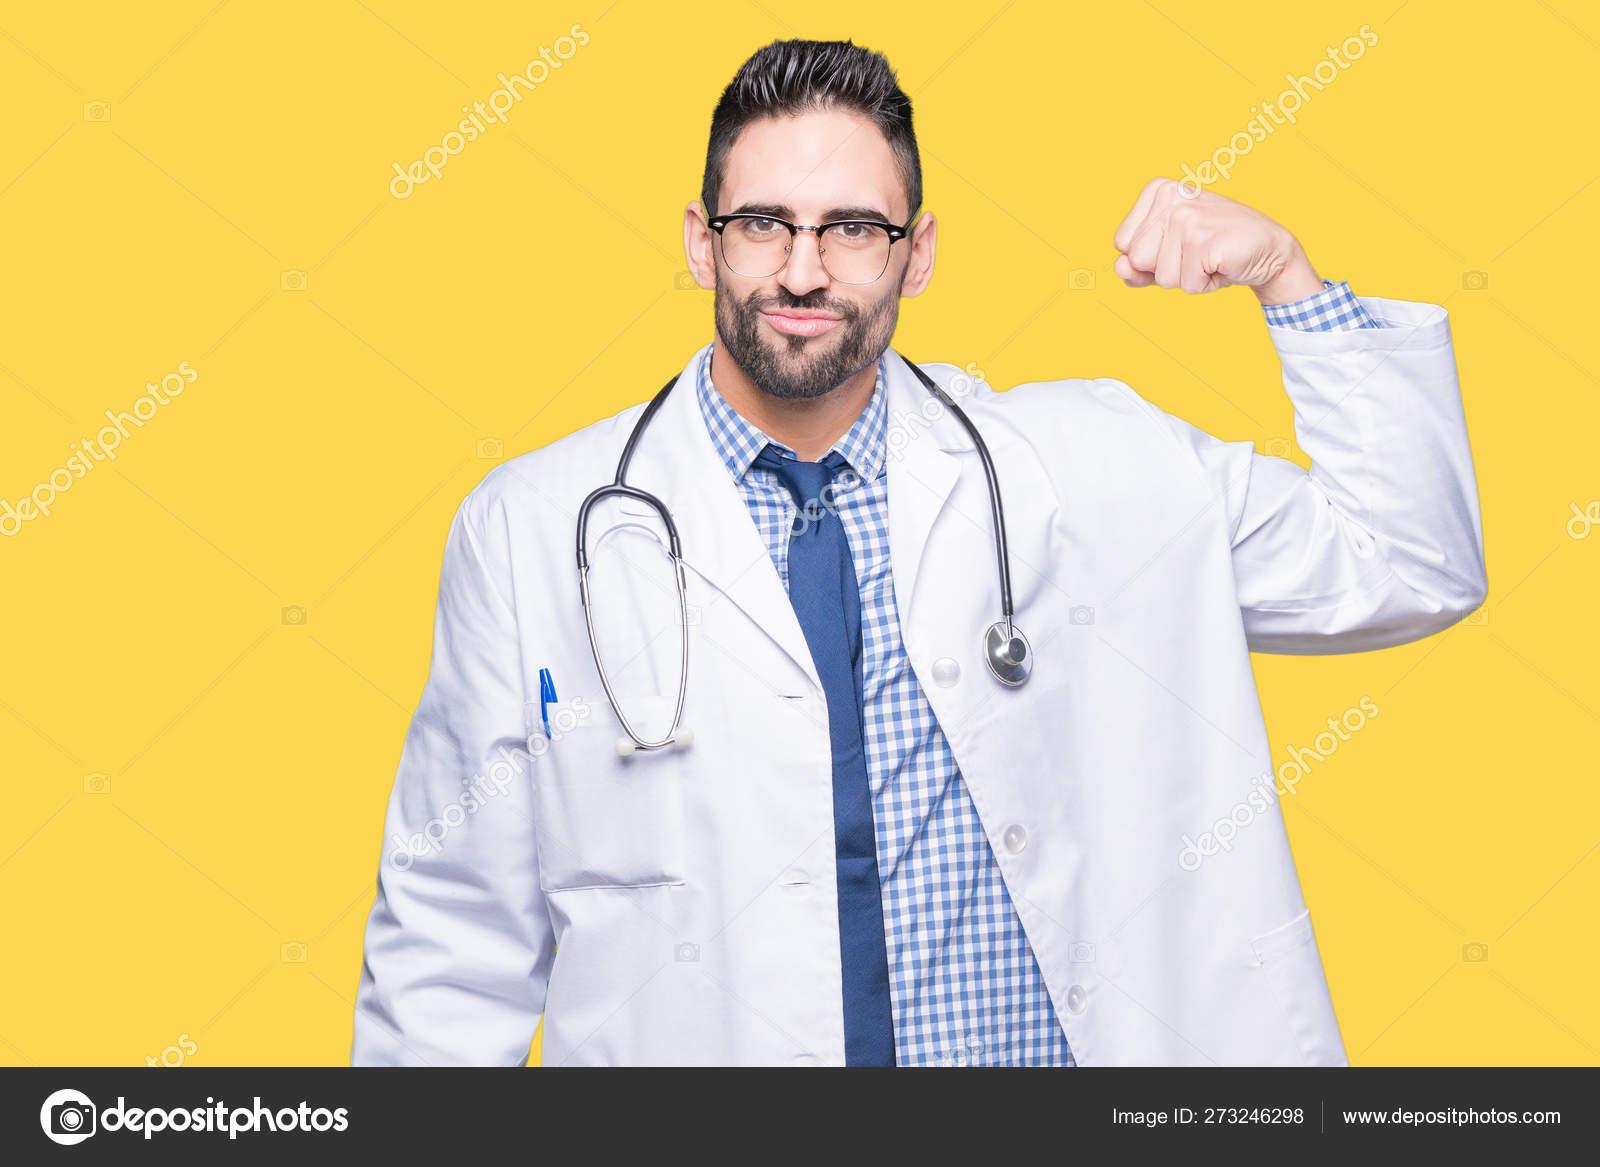 Медицину в Украине нельзя назвать слабой, она сможет справиться с коронавирусом, - ВОЗ - Цензор.НЕТ 8373